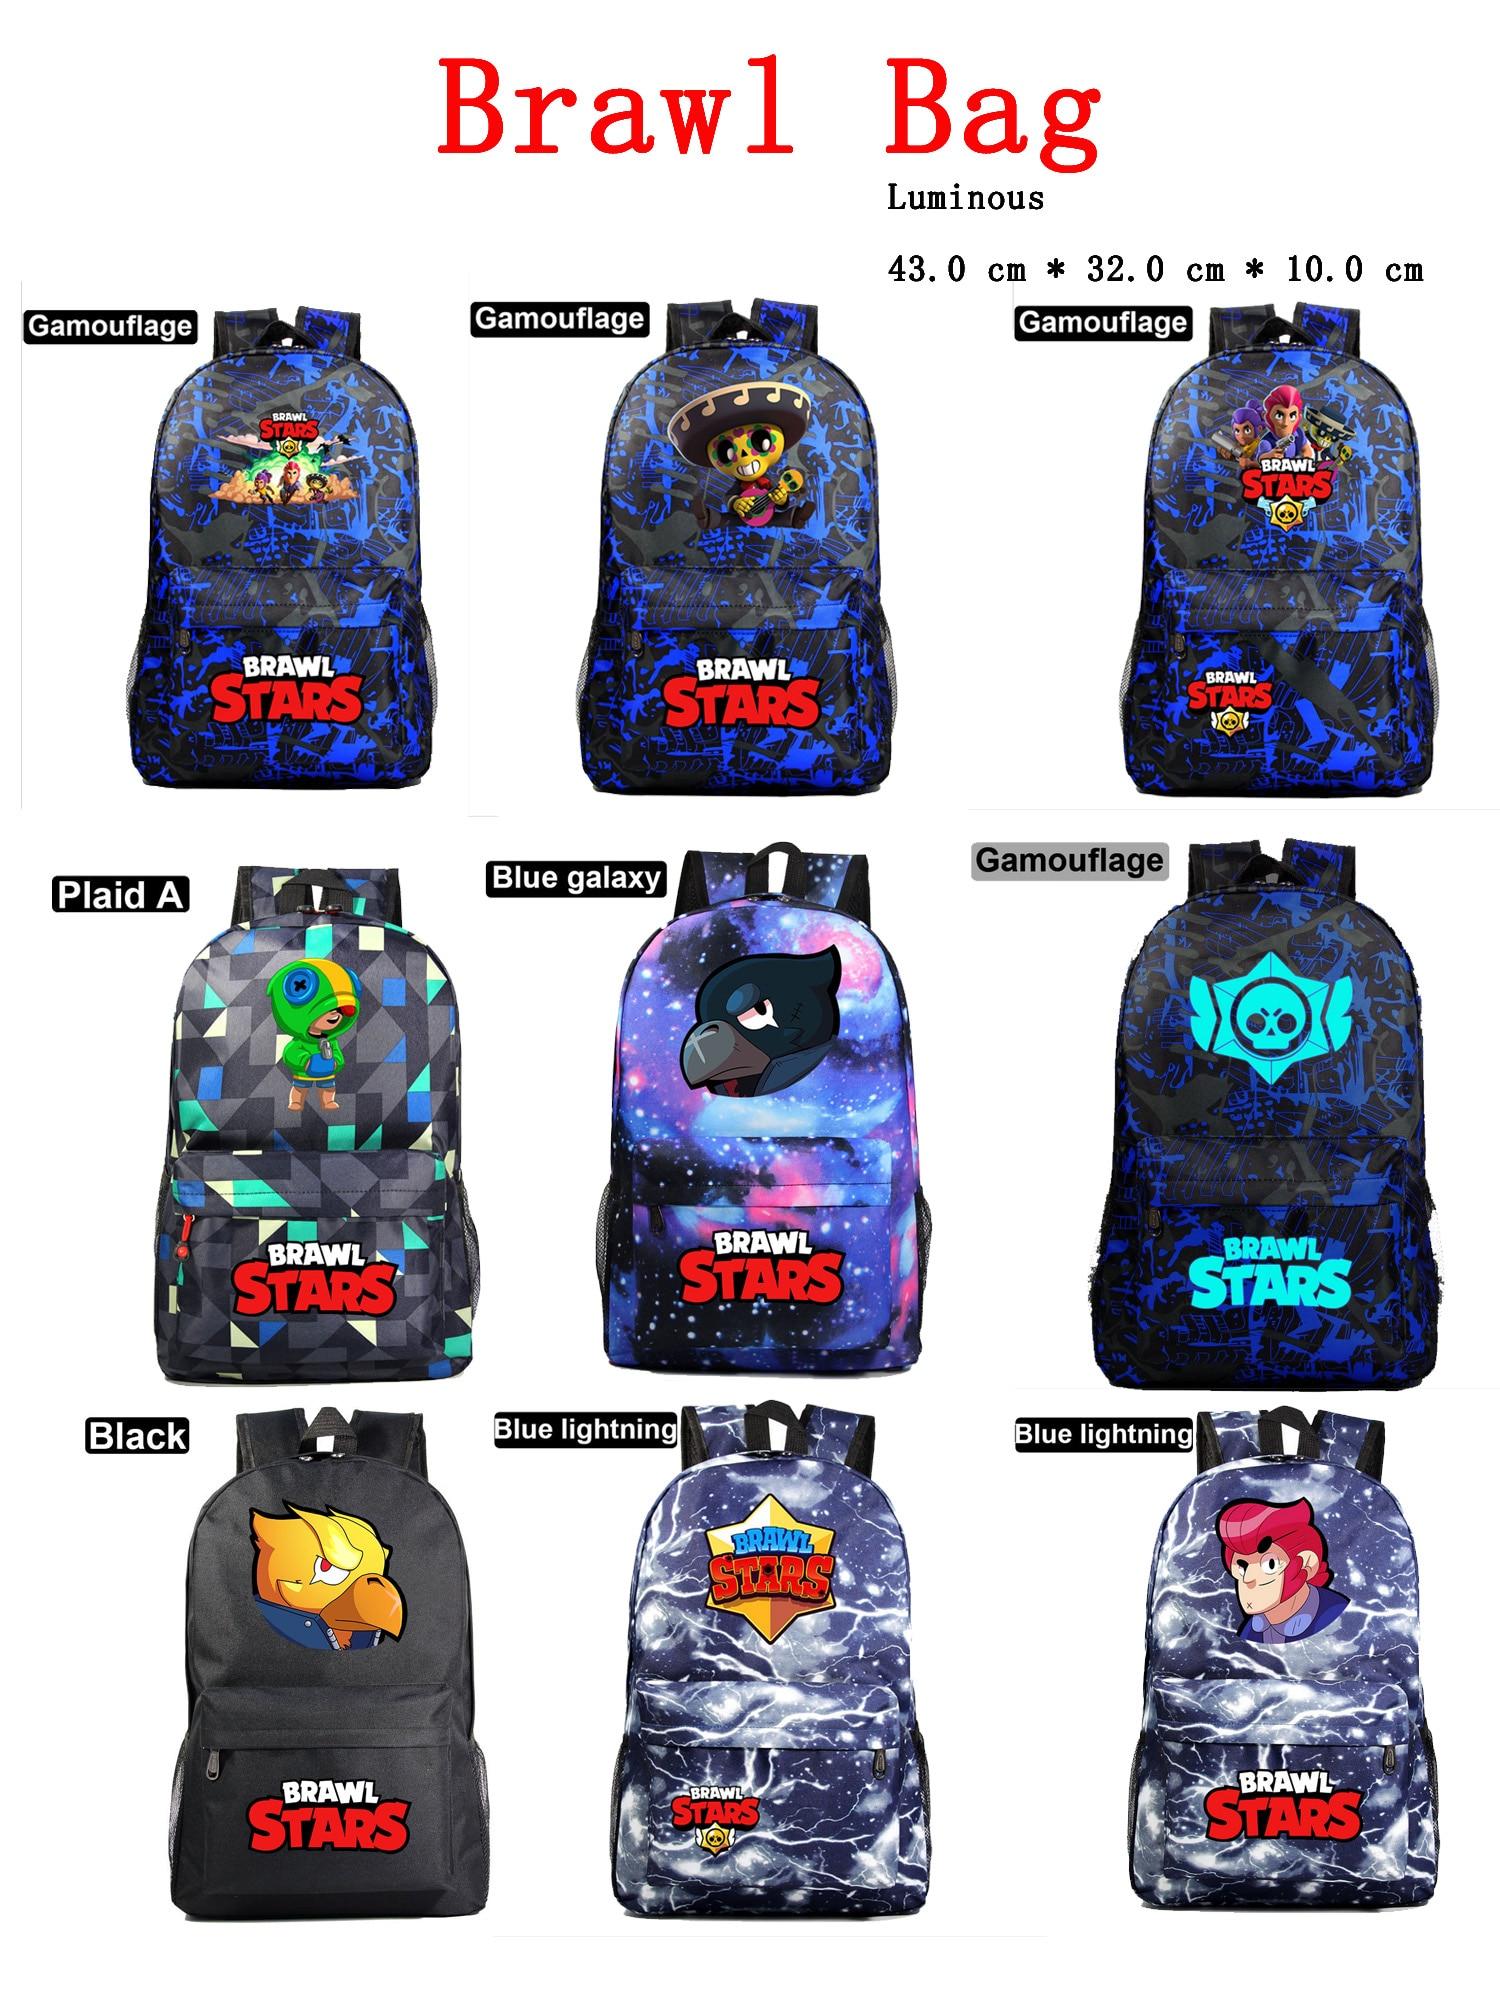 Brawling Game Stars Schoolbag Luminous Student School Backpack Waterproof Bagpack Primary School Book Bags For Teenage Girl Kids